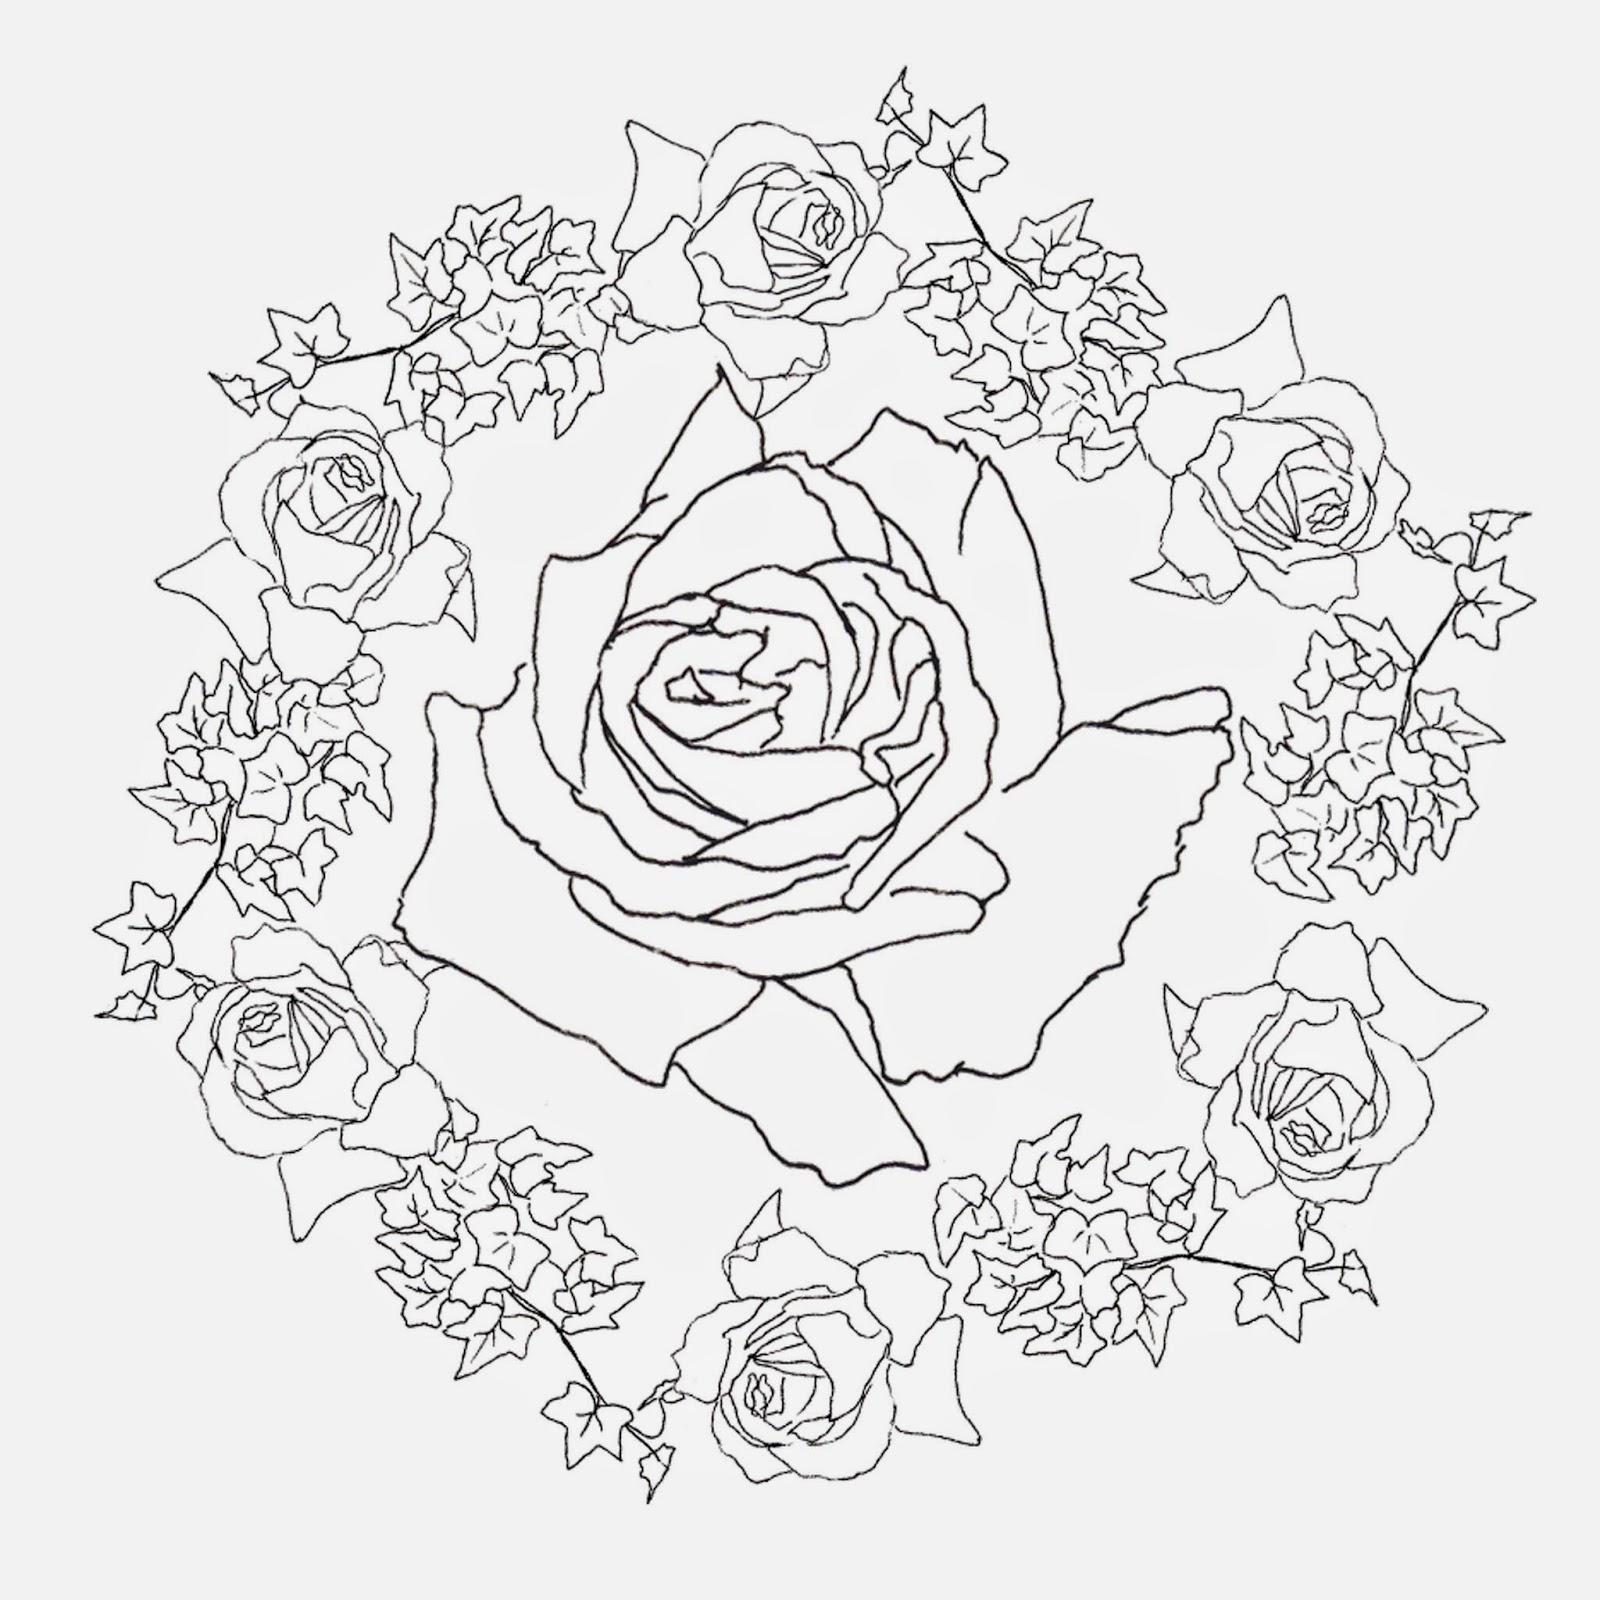 Dorable Páginas Para Colorear De Libros De Flores Friso - Dibujos ...